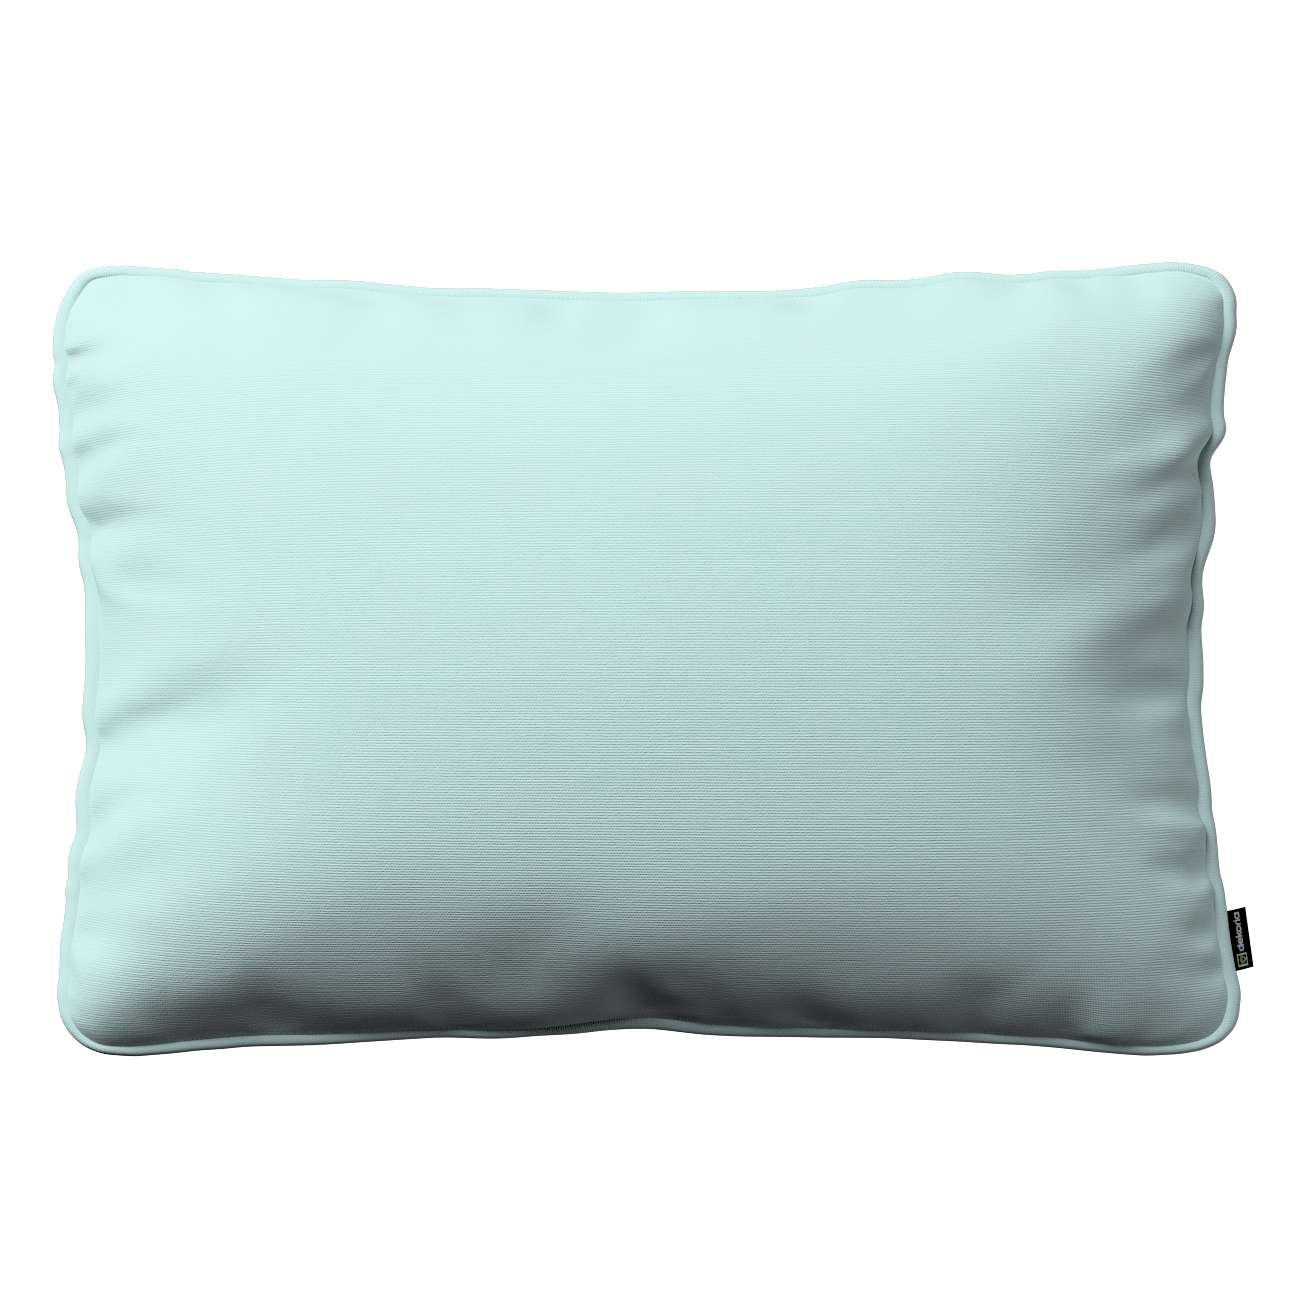 Poszewka Gabi na poduszkę prostokątna 60 x 40 cm w kolekcji Cotton Panama, tkanina: 702-10